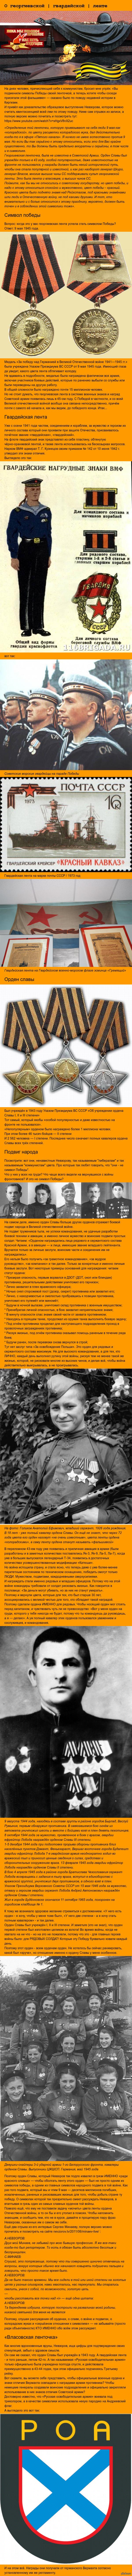 """О георгиевской-гвардейской ленте. Правда и ложь. Часть 1. Часть 2 тут >>  <a href=""""http://pikabu.ru/story/o_georgievskoygvardeyskoy_lente__pravda_i_lozh_chast_2_3293182"""">http://pikabu.ru/story/_3293182</a>"""